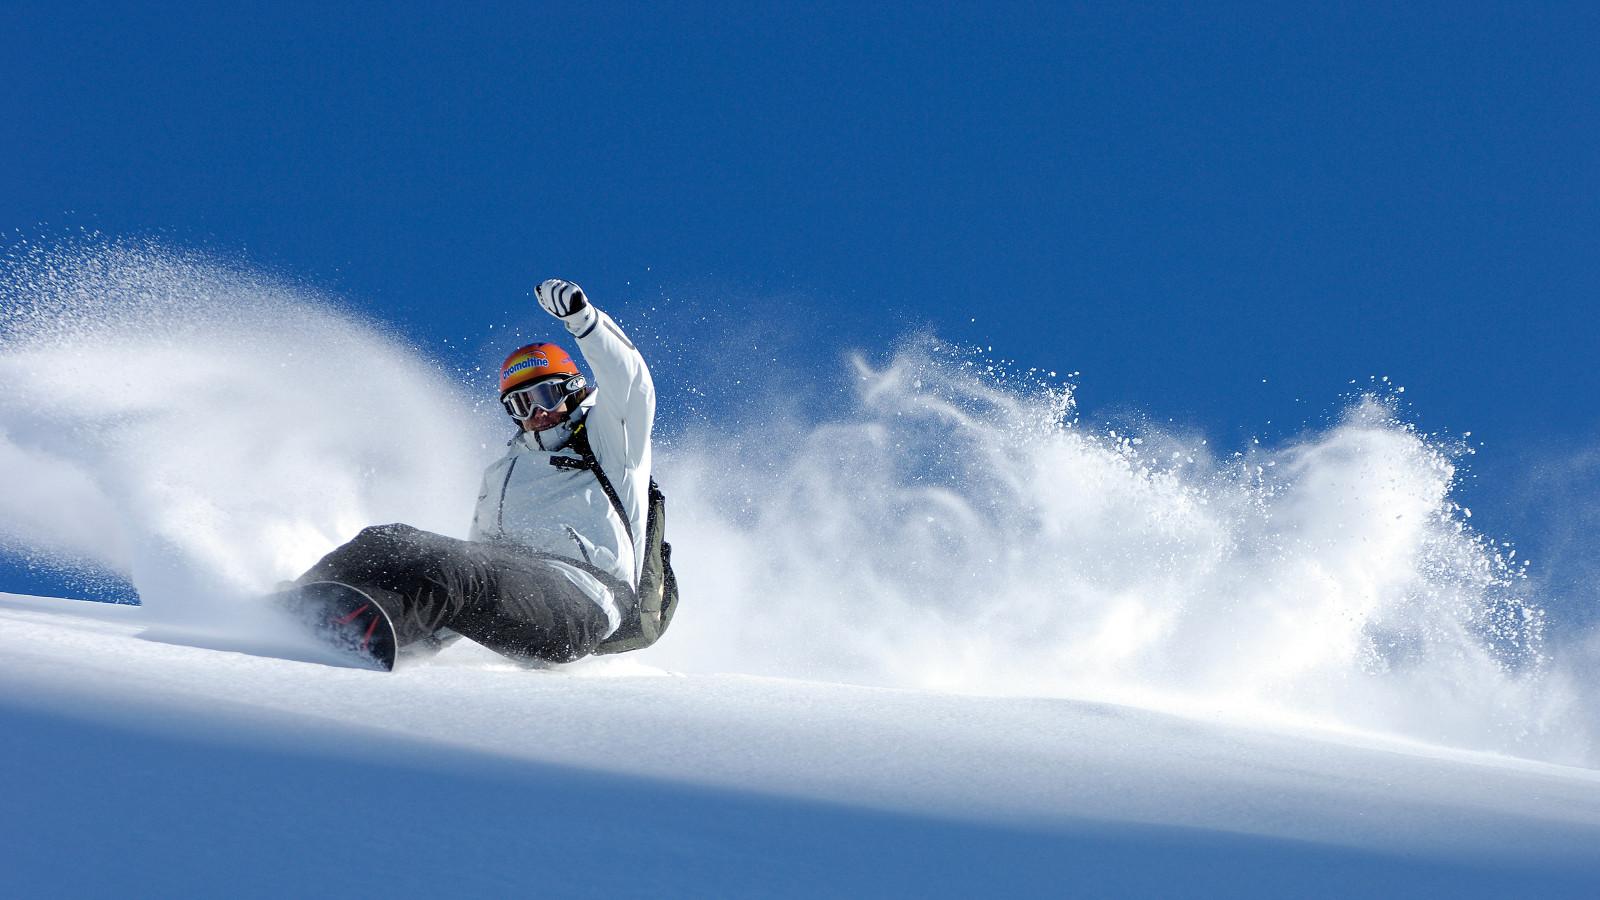 сноуборда в зависимости от стиля катания